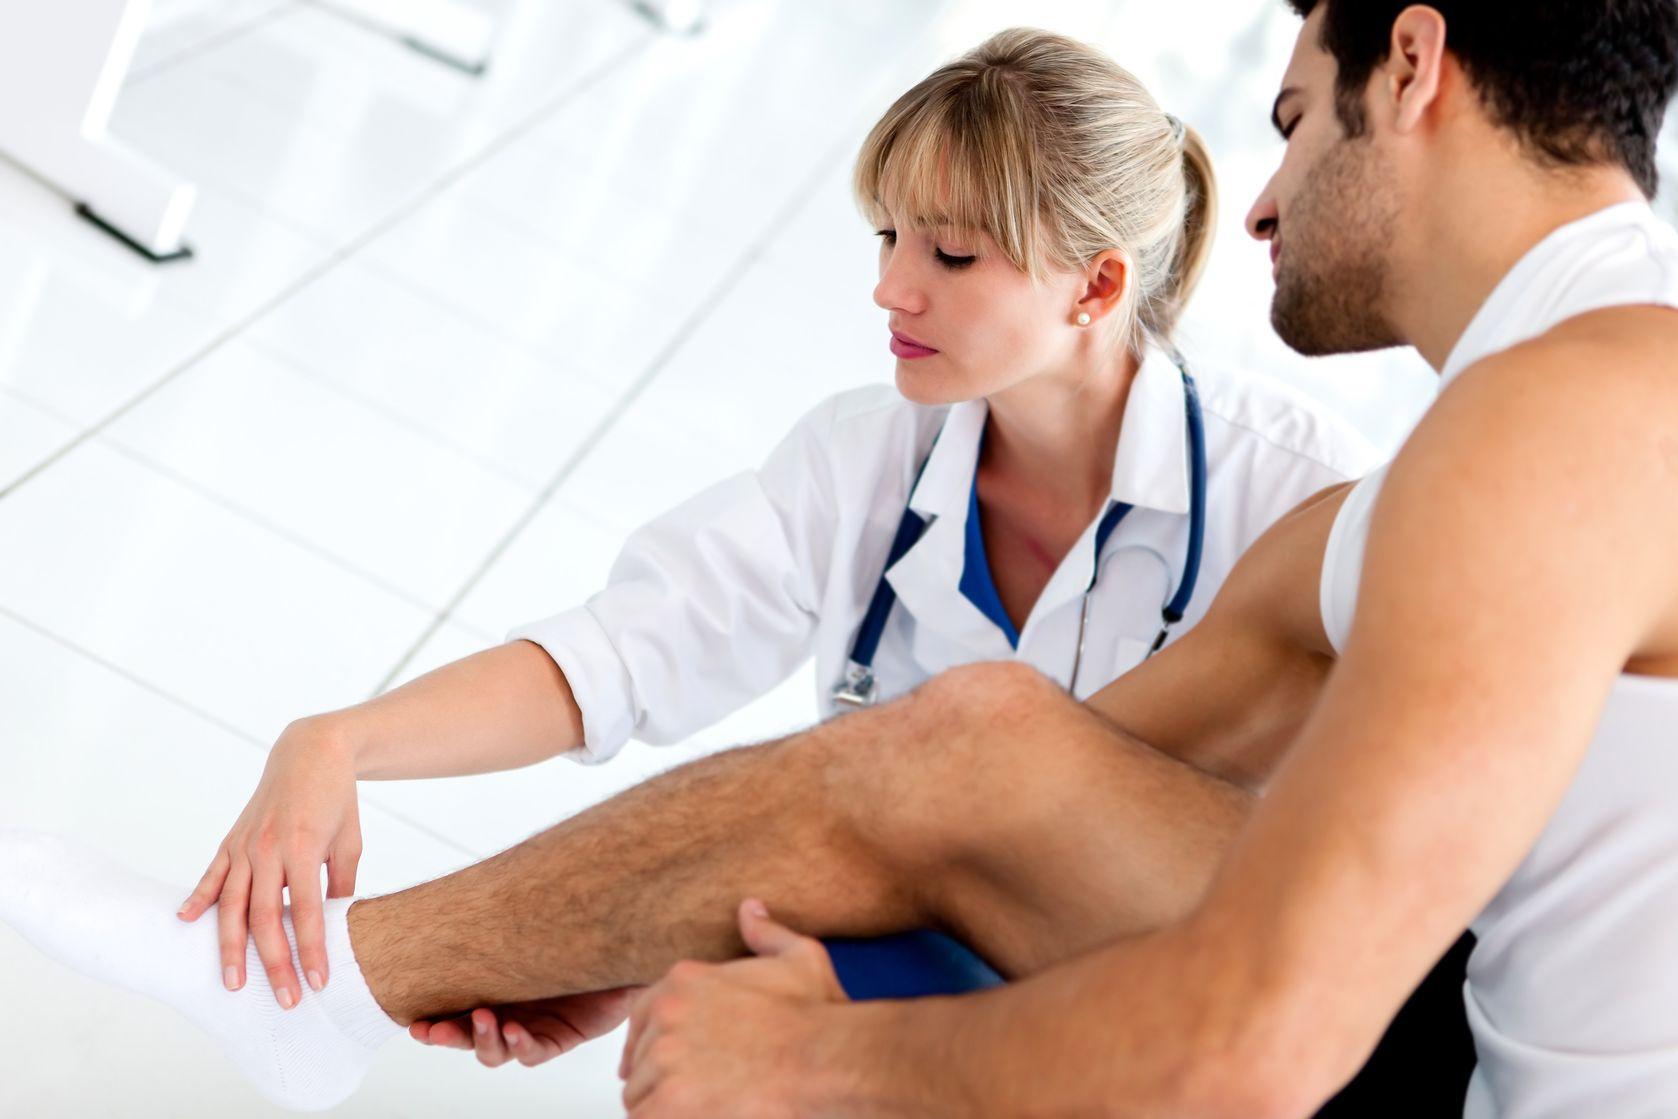 Fisioterapia traumatológica fisioterapia ibirapuera Clínica Ibirapuera